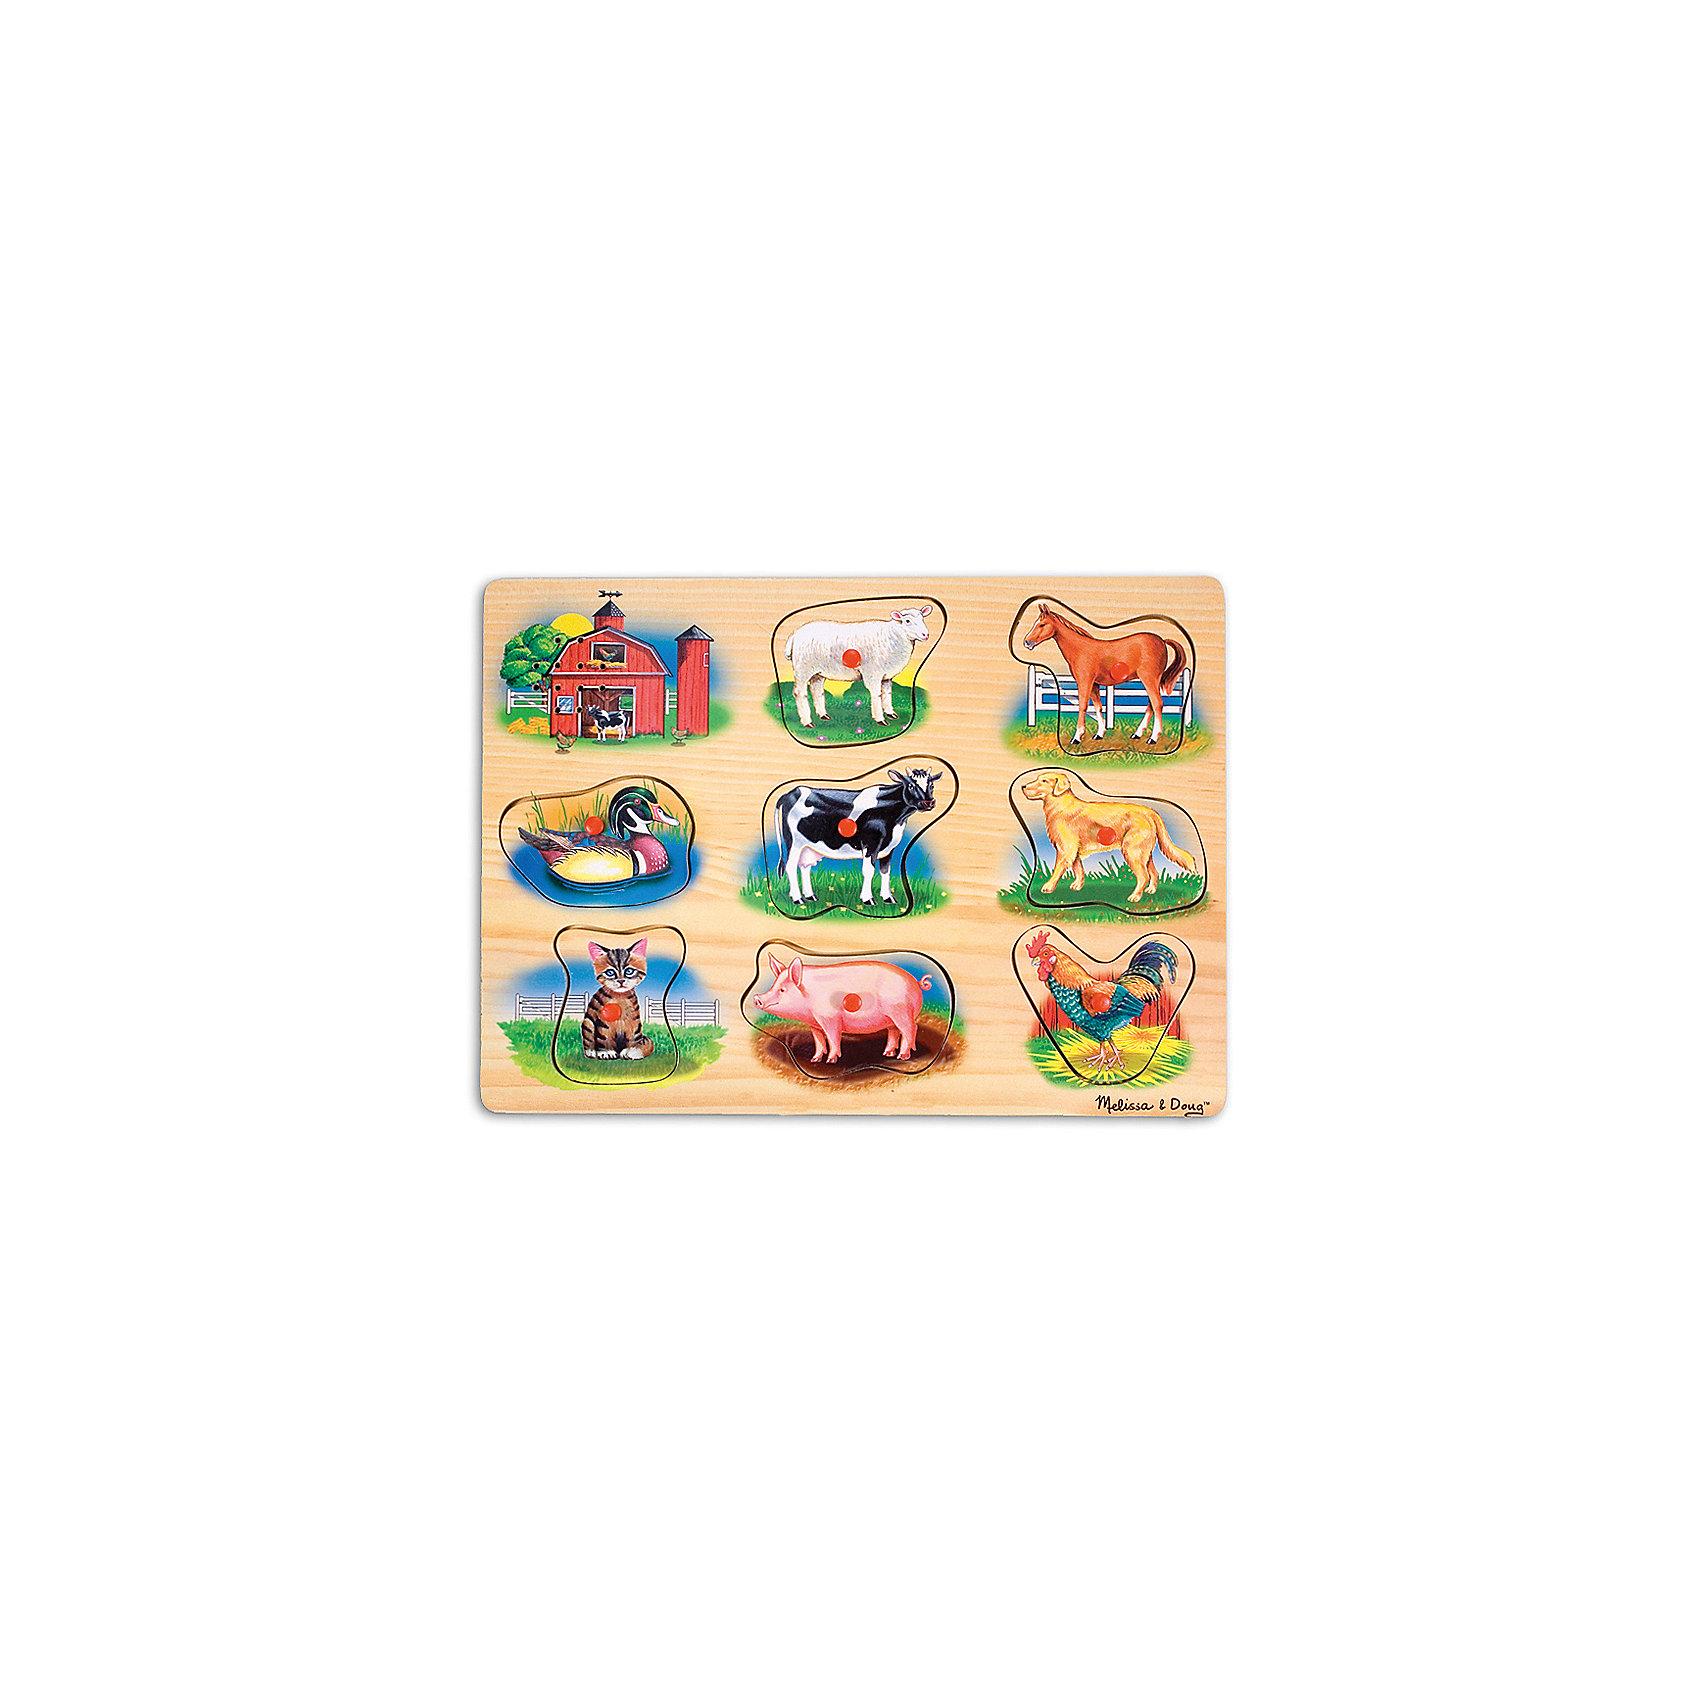 Рамка-вкладыш со звуком Ферма, Melissa &amp; DougДеревянные игры и пазлы<br>Пазл со звуком Ферма, Melissa &amp; Doug (Мелисса и Даг) – это уникальный познавательный пазл для вашего малыша.<br>Пазл со звуком Ферма - это яркий, красивый пазл со звуковыми эффектами. На деревянной доске расположены симпатичные обитатели фермы: овечка, лошадь, утка, корова, собака, котенок, свинья и петух. В центре каждой картинки есть пластиковая ручка, за которую элемент пазла удобно держать и вставлять в подходящее для него место. Когда малыш правильно вставляет животное, раздается реалистичный звук его голоса! Собирая пазл, ребенок развивает мелкую моторику и логическое мышление, знакомится с разными видами животных и их голосами.<br><br>Дополнительная информация:<br><br>- Количество элементов: 8<br>- Батарейки: 2 тип ААА (в набор не входят)<br>- Материал: дерево<br>- Размер: 30х22х2,5 см.<br><br>Пазл со звуком Ферма, Melissa &amp; Doug (Мелисса и Даг) можно купить в нашем интернет-магазине.<br><br>Ширина мм: 200<br>Глубина мм: 300<br>Высота мм: 220<br>Вес г: 543<br>Возраст от месяцев: 24<br>Возраст до месяцев: 48<br>Пол: Унисекс<br>Возраст: Детский<br>Количество деталей: 9<br>SKU: 4005802